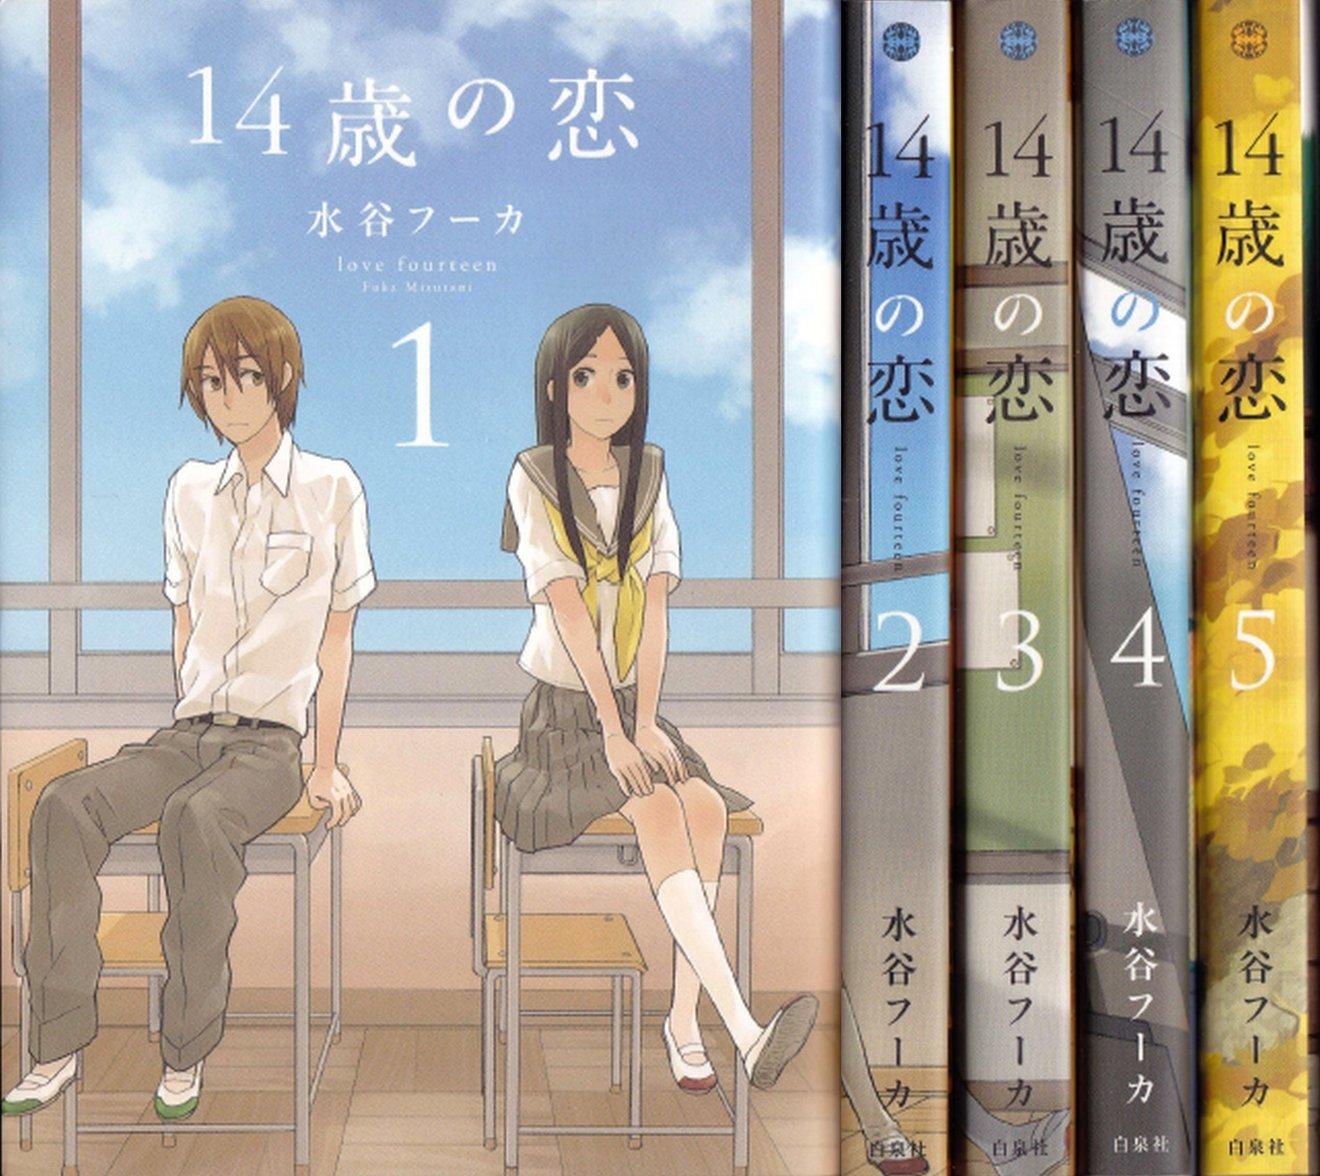 『14歳の恋』が面白い!最新9巻まで全巻ネタバレ紹介!【無料で読める】